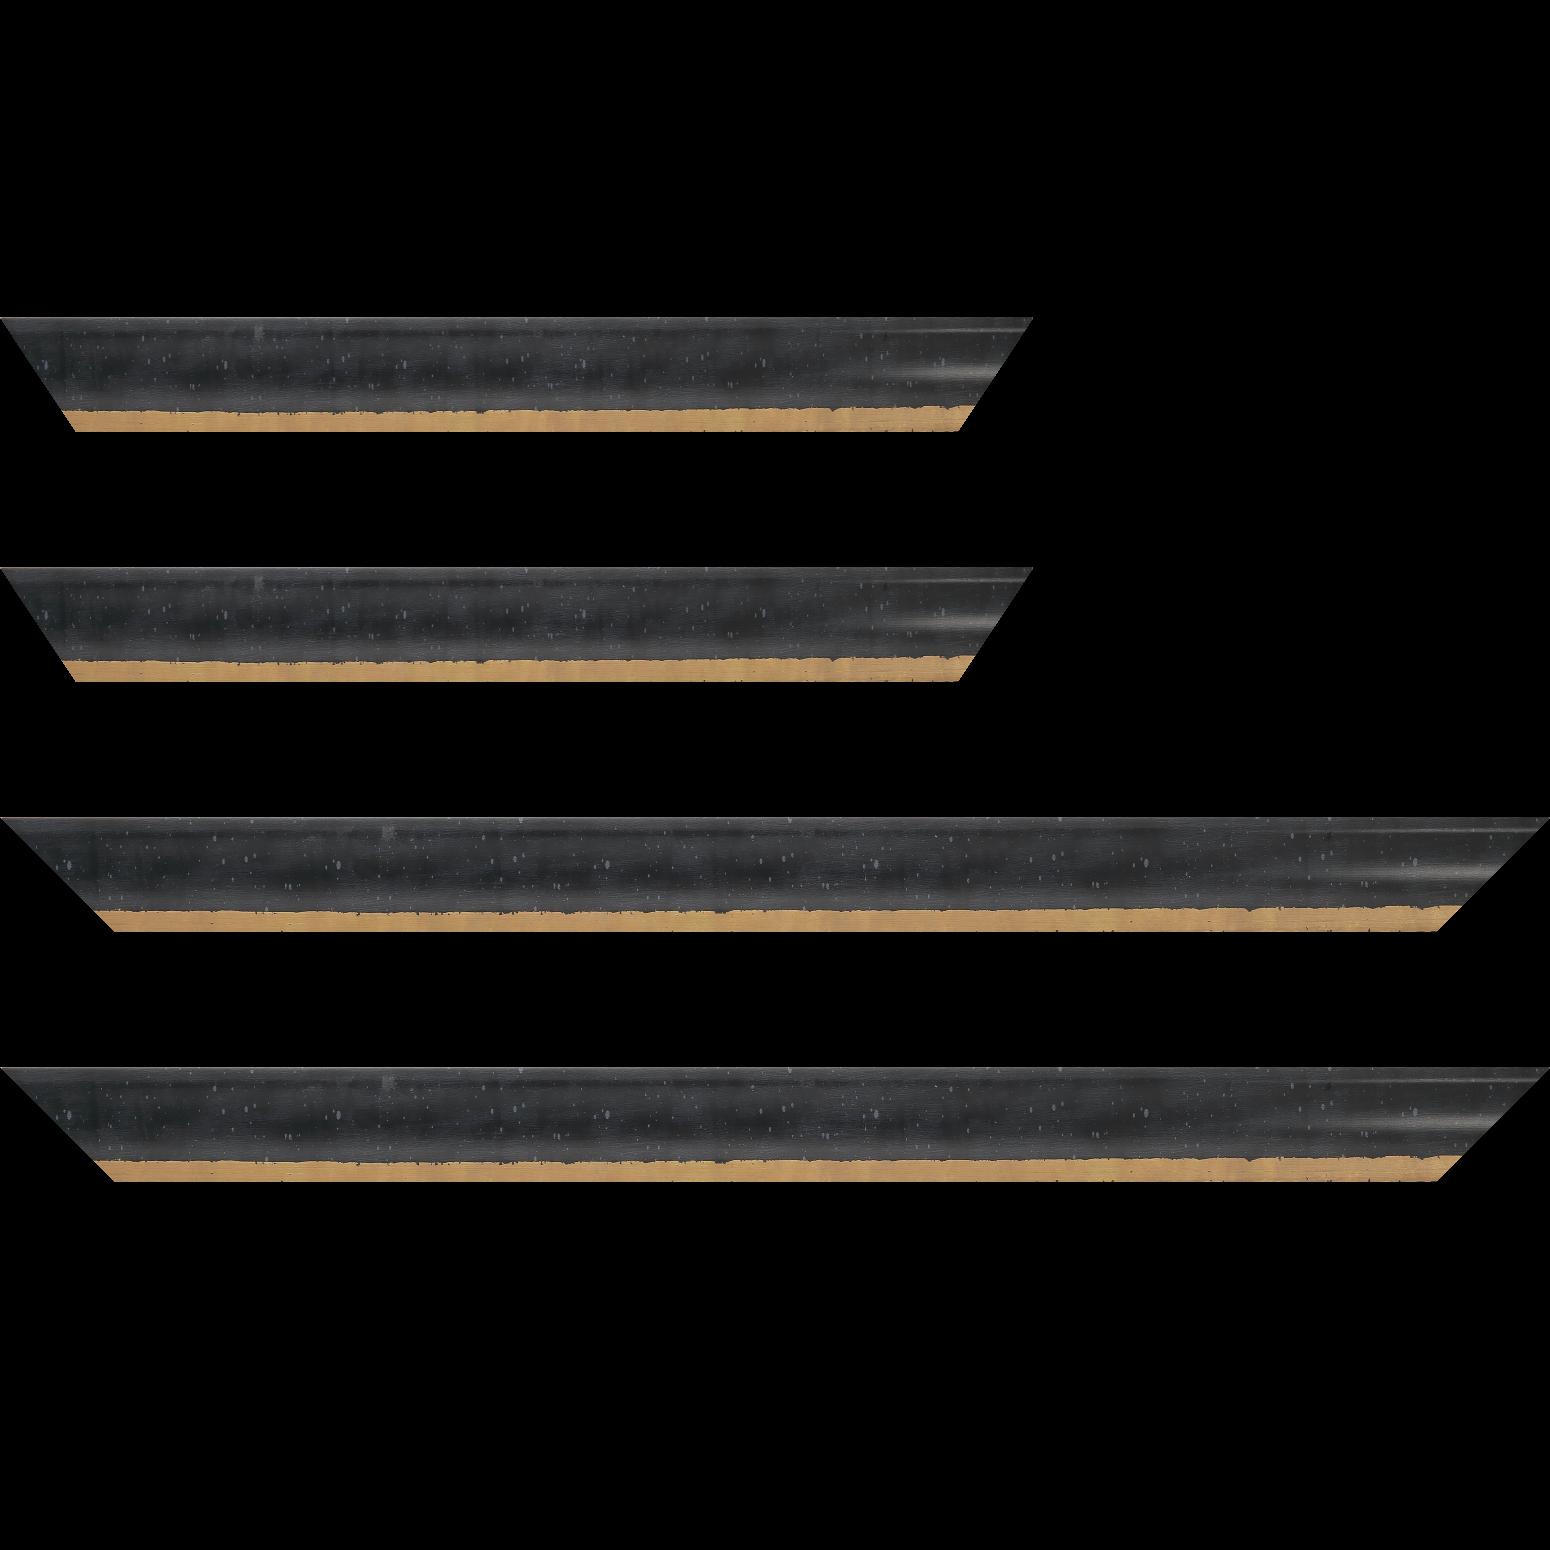 Baguette service précoupé Bois profil incurvé largeur 3.9cm noir tamisé filet or